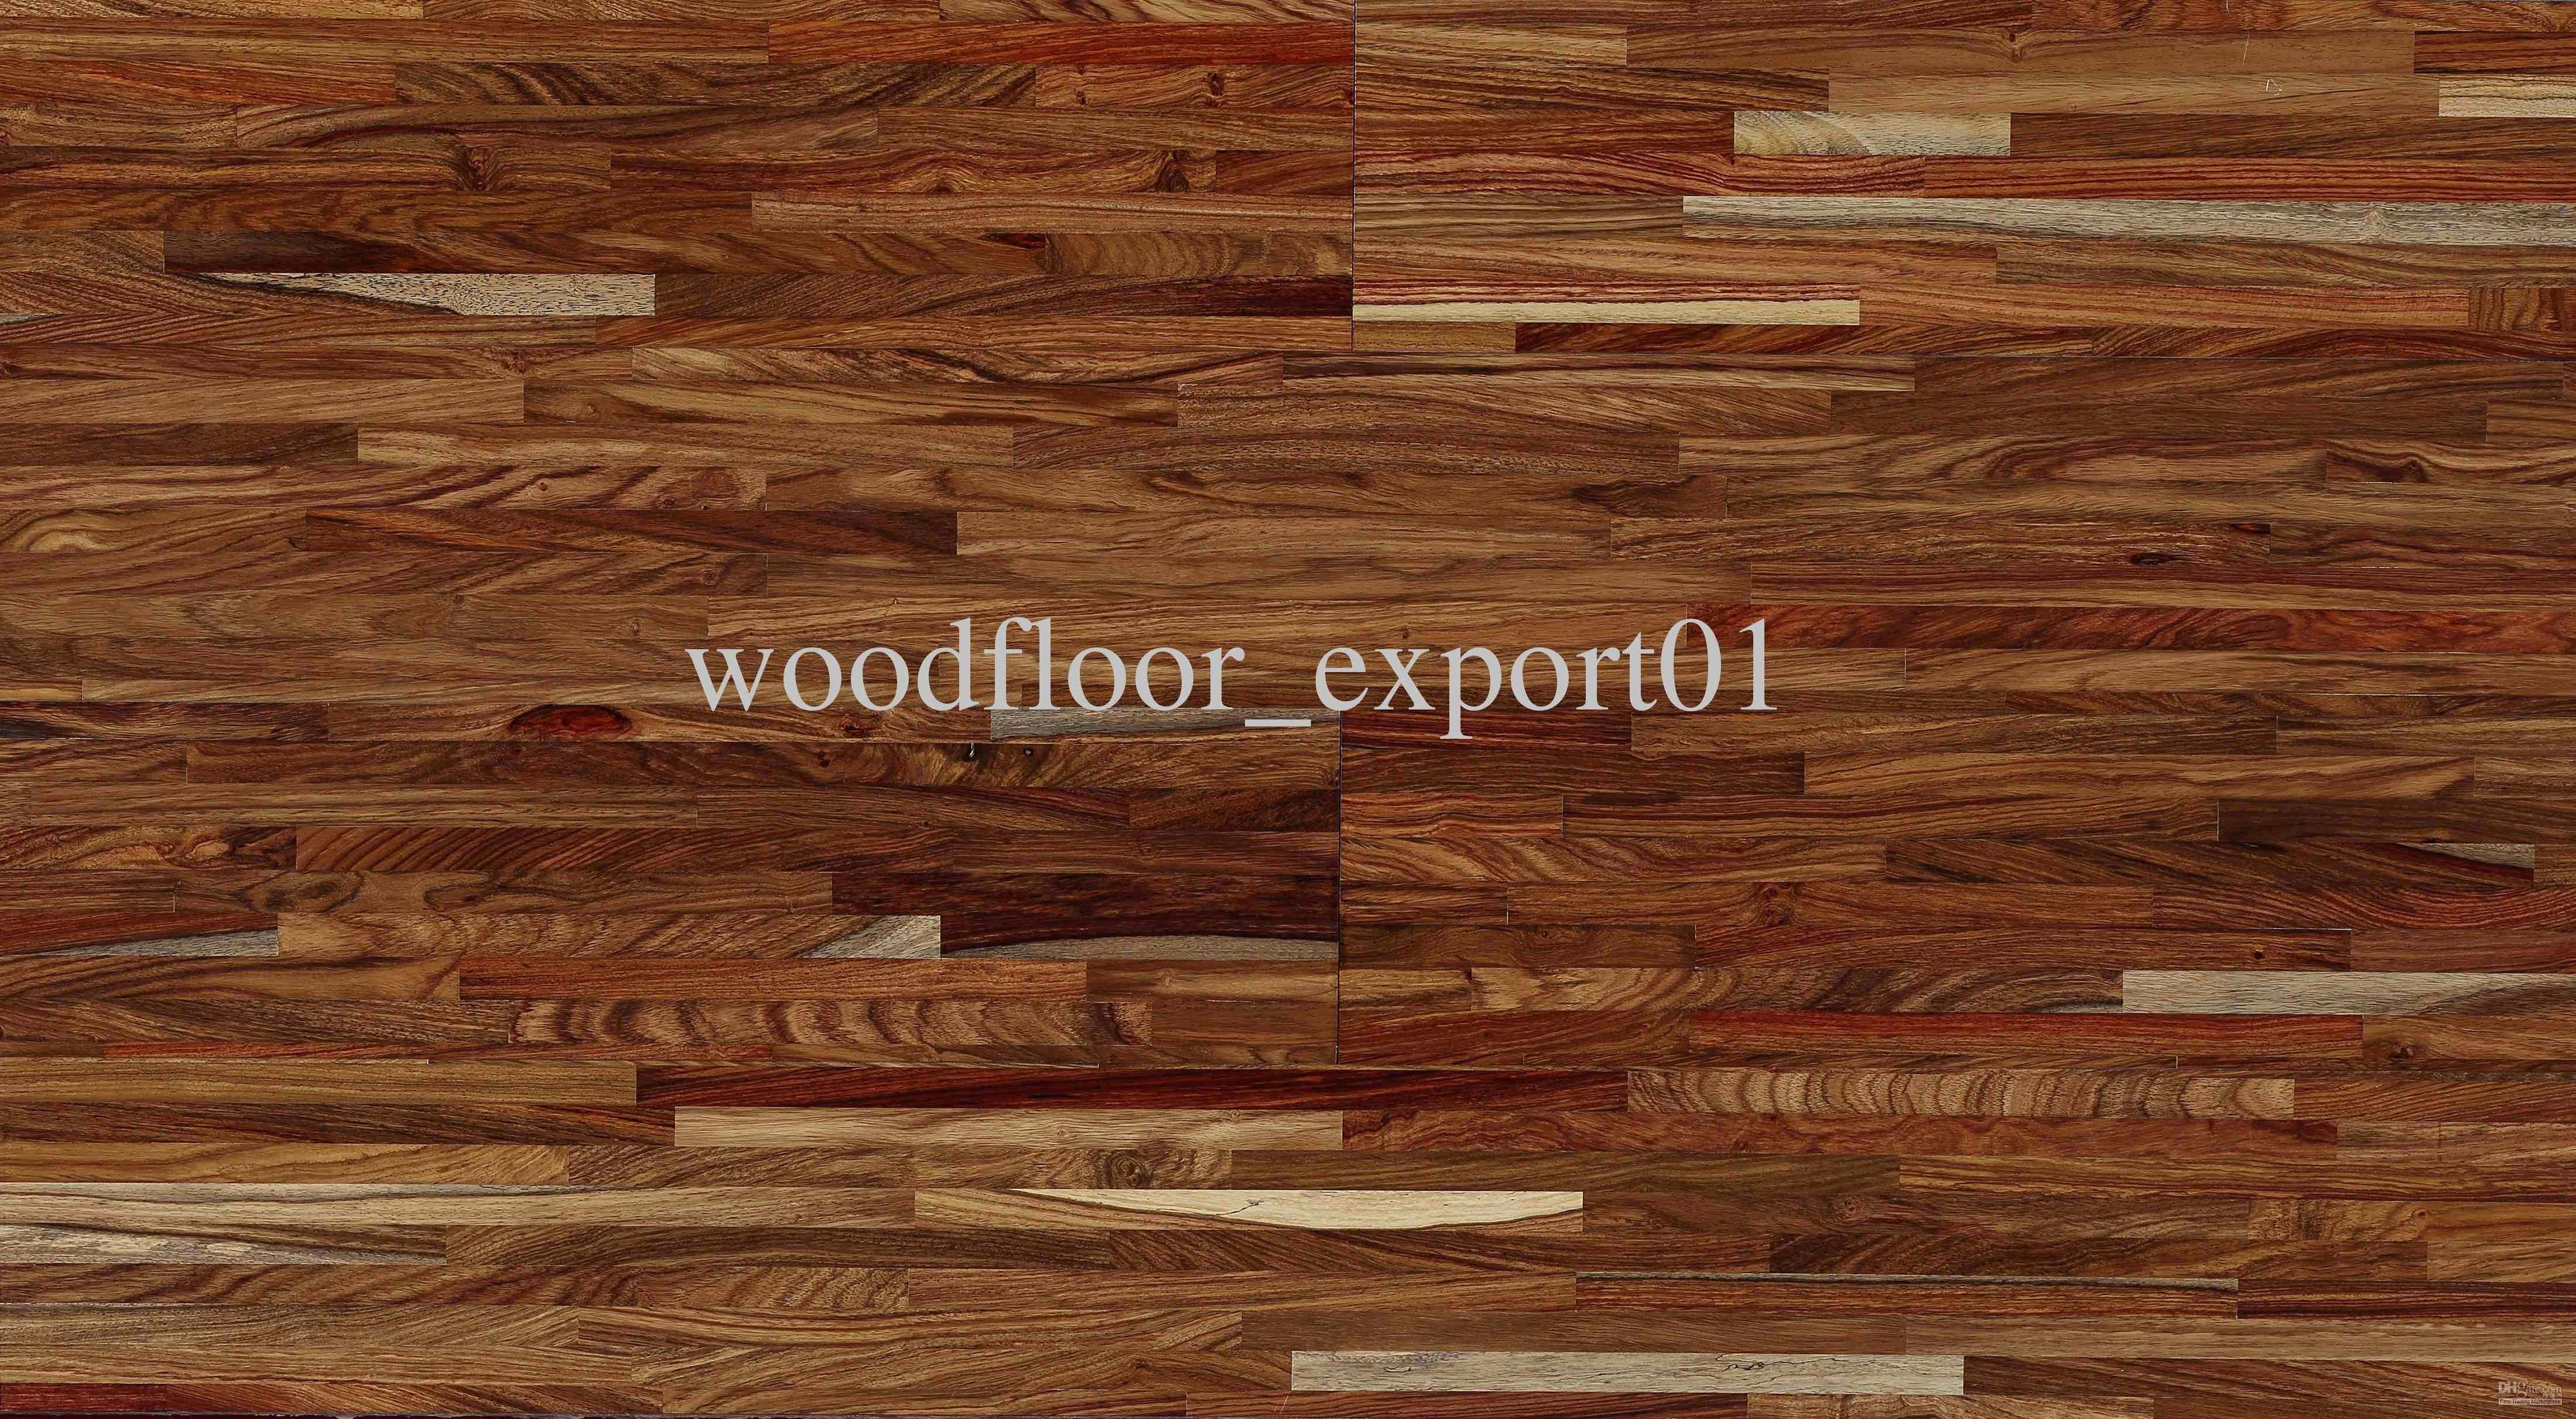 prefinished bamboo hardwood flooring of 19 luxury hardwood refinishing stock dizpos com for hardwood refinishing awesome 50 new restaining hardwood floors 50 s photos of 19 luxury hardwood refinishing